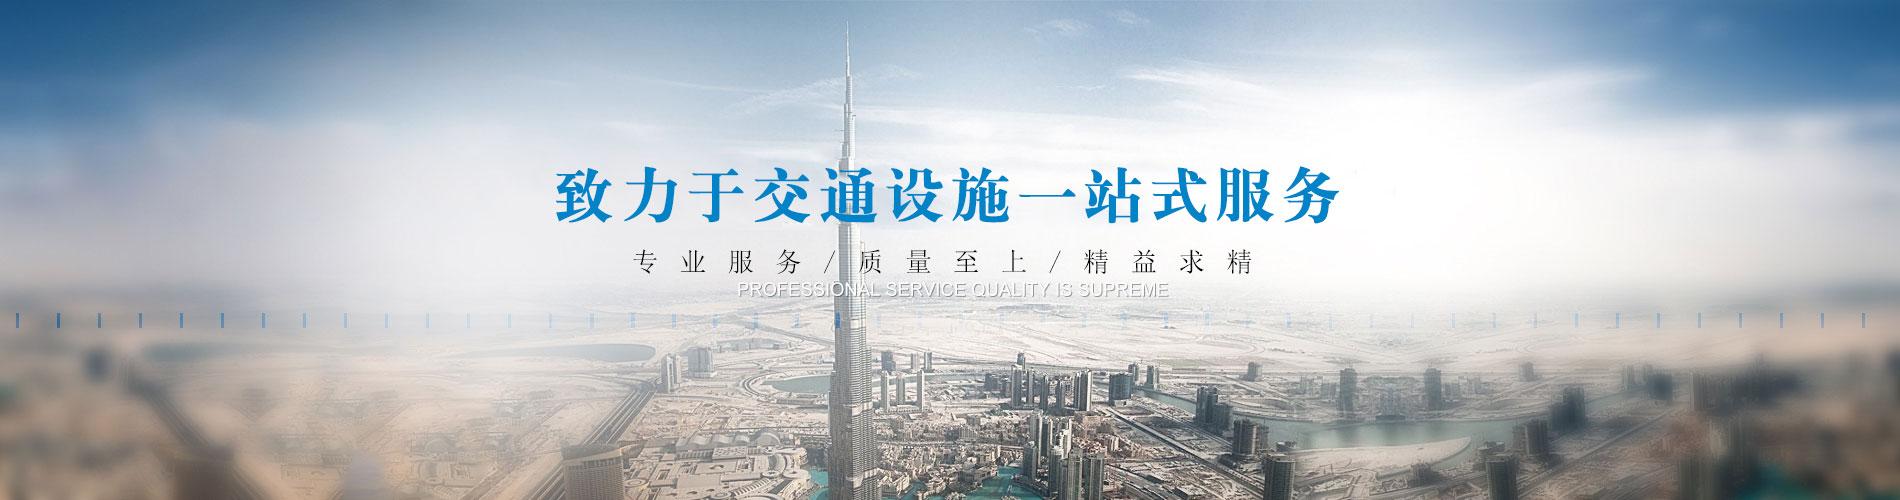 杭州速捷交通设施工程有限公司